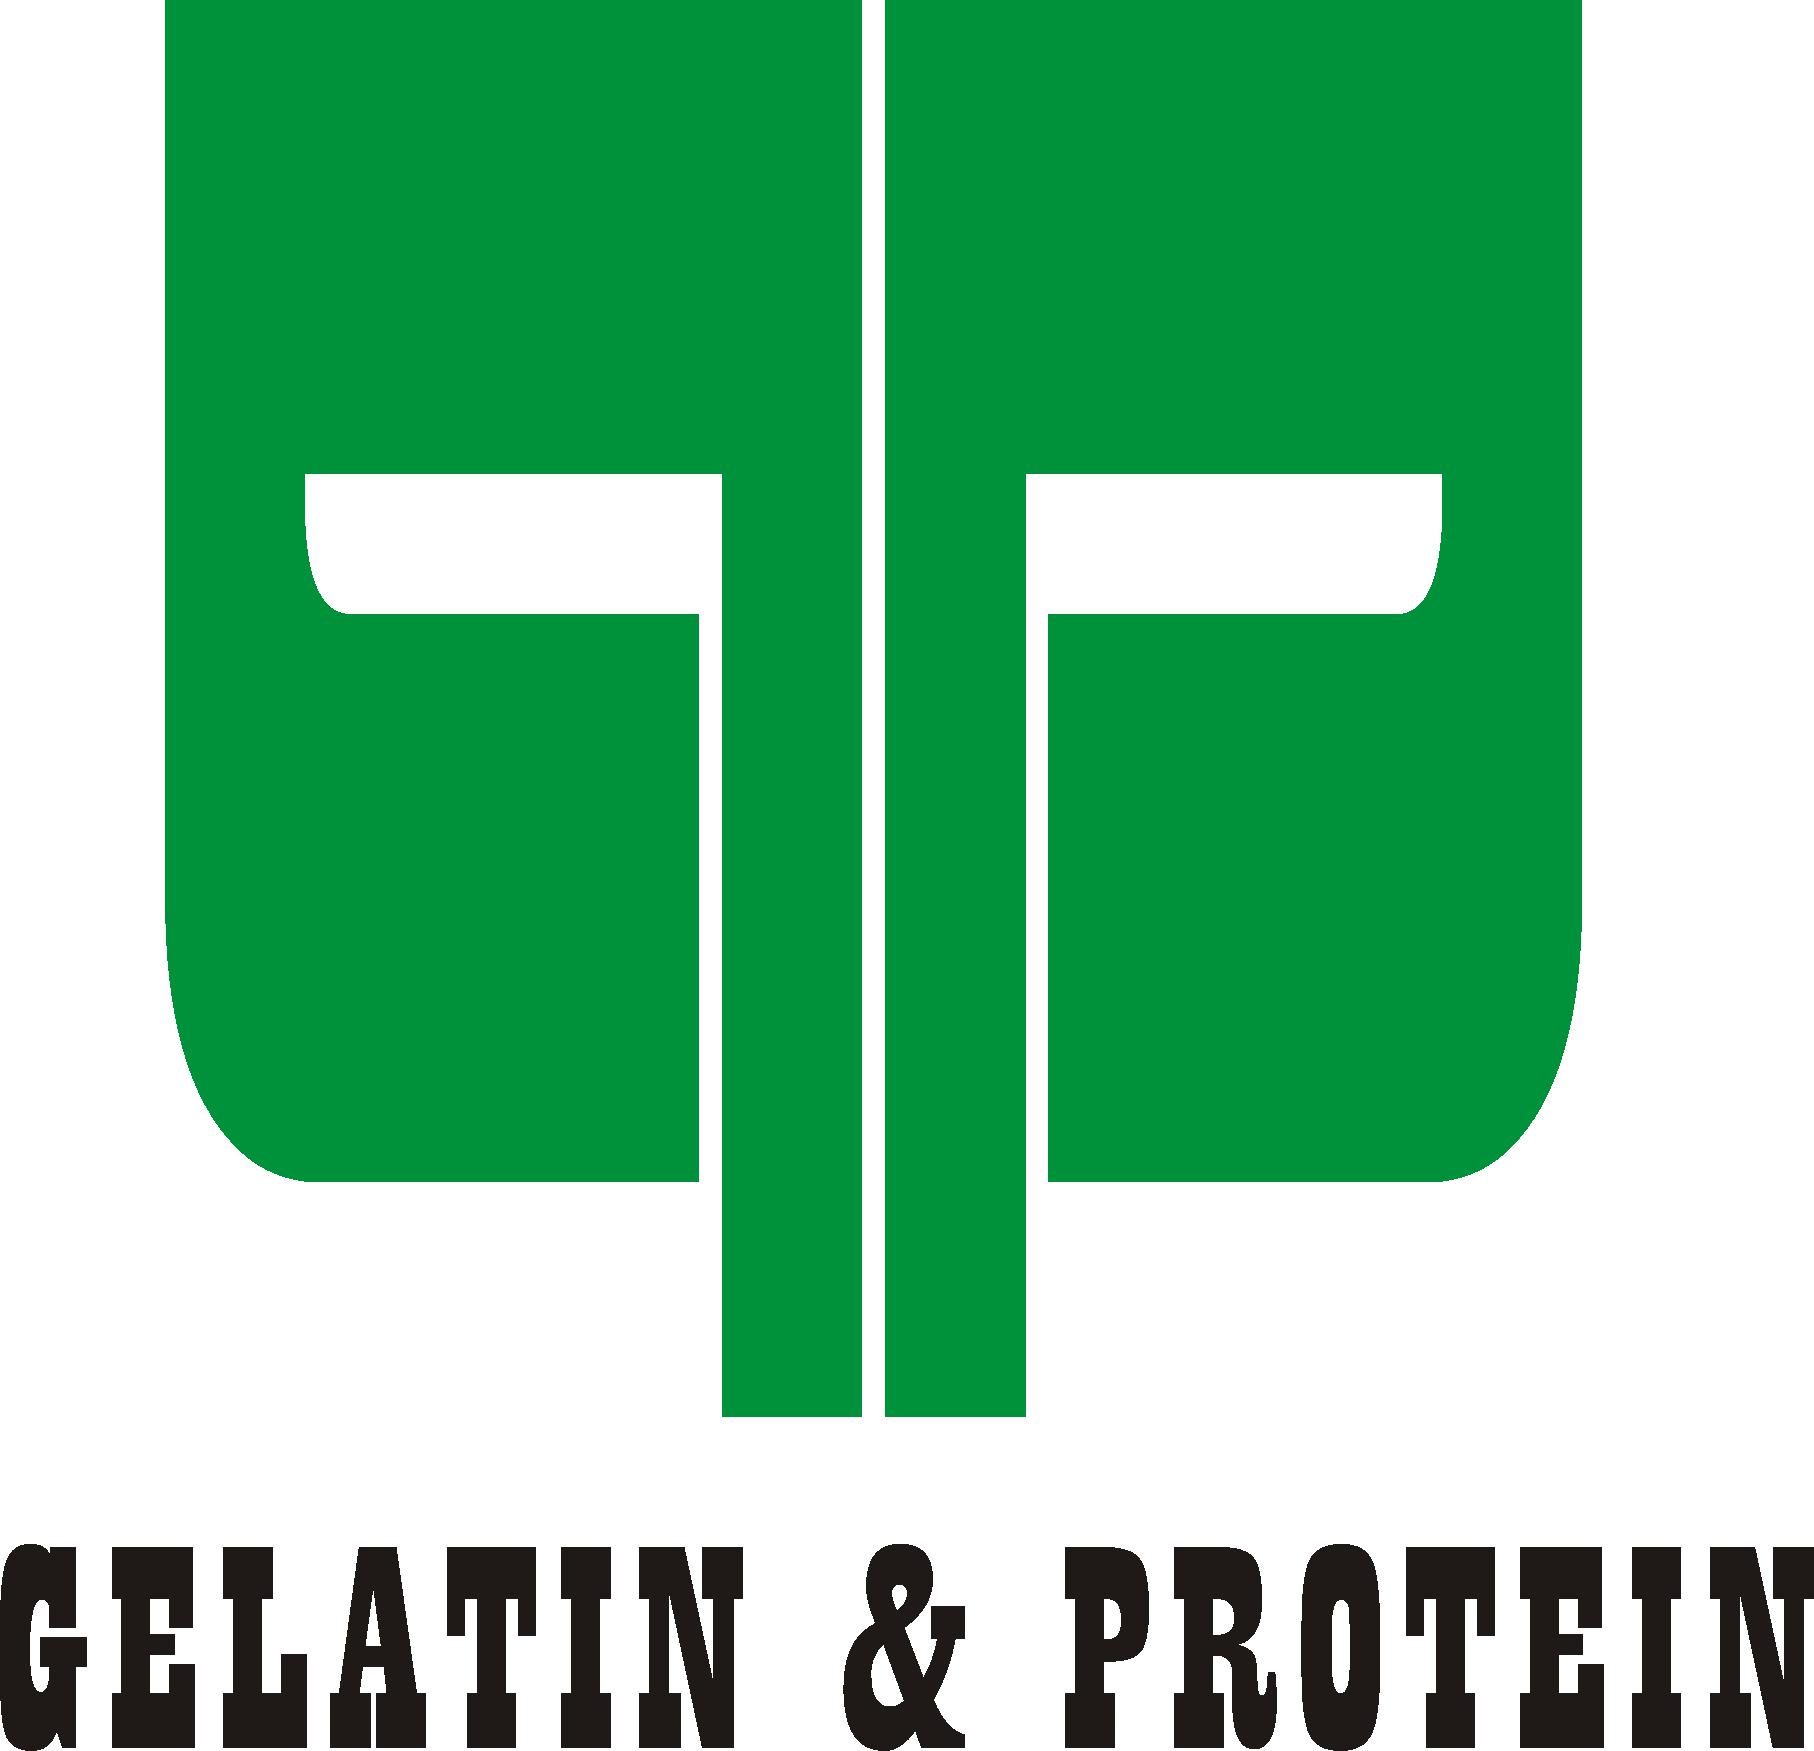 Gelatin & Protein Co.,Ltd.